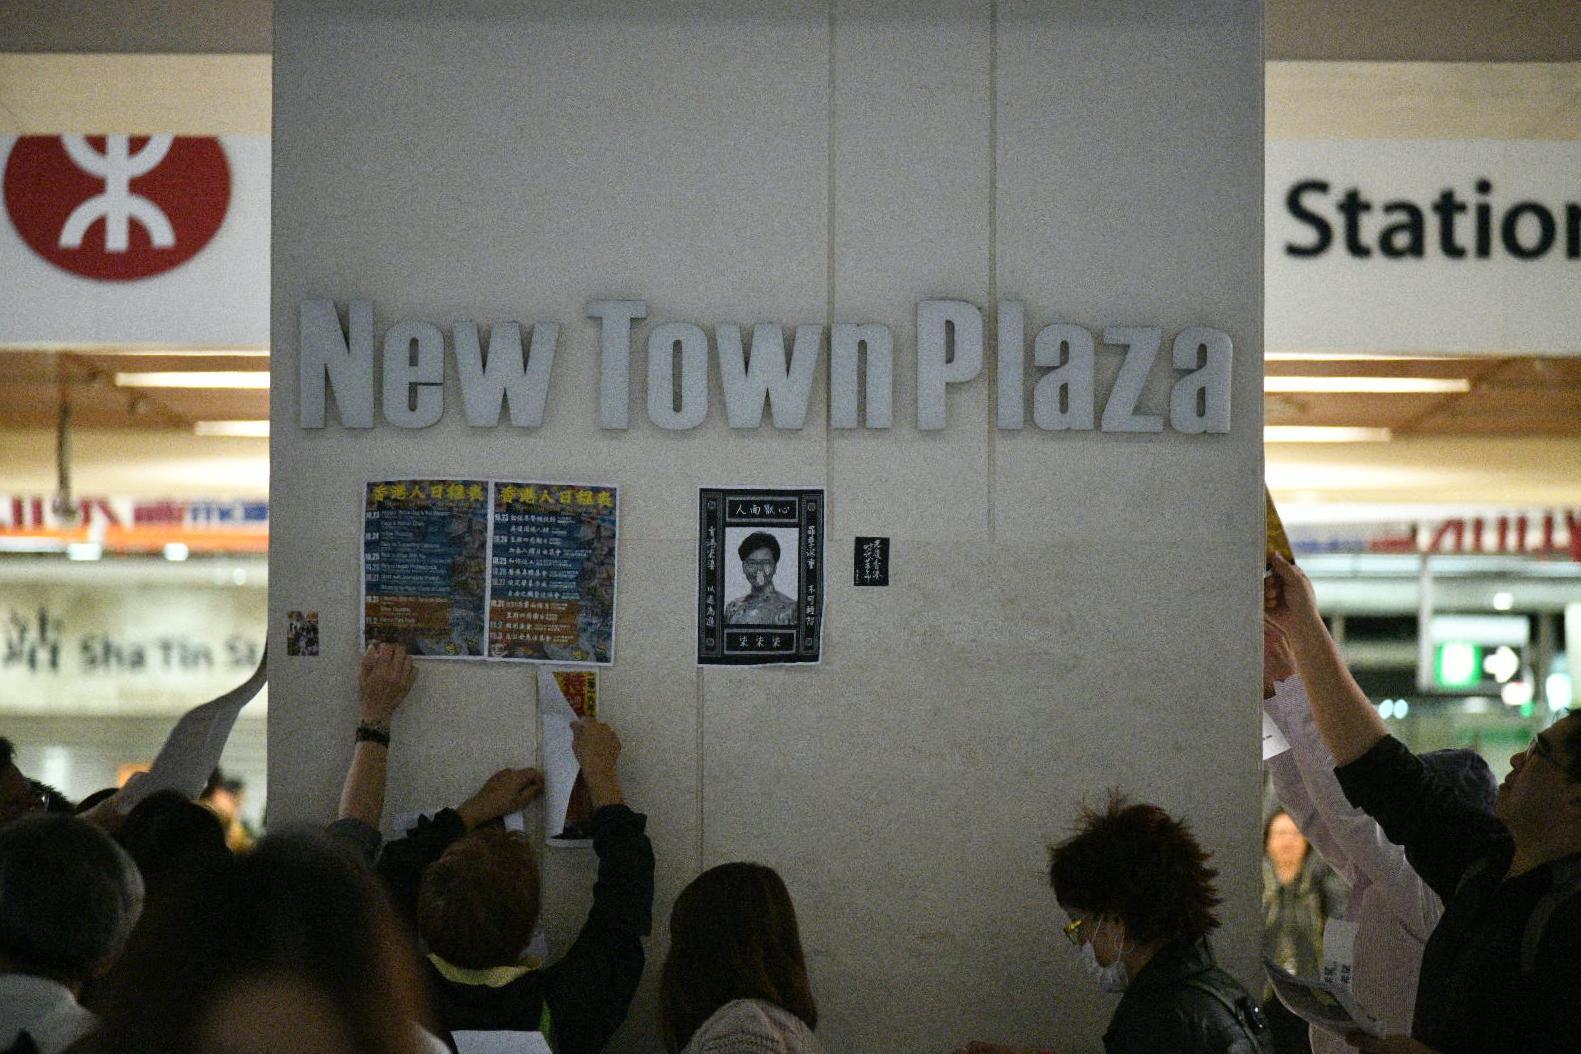 【修例風波】新城市廣場抗議人士聚集叫口號 部分人蒙面或戴口罩